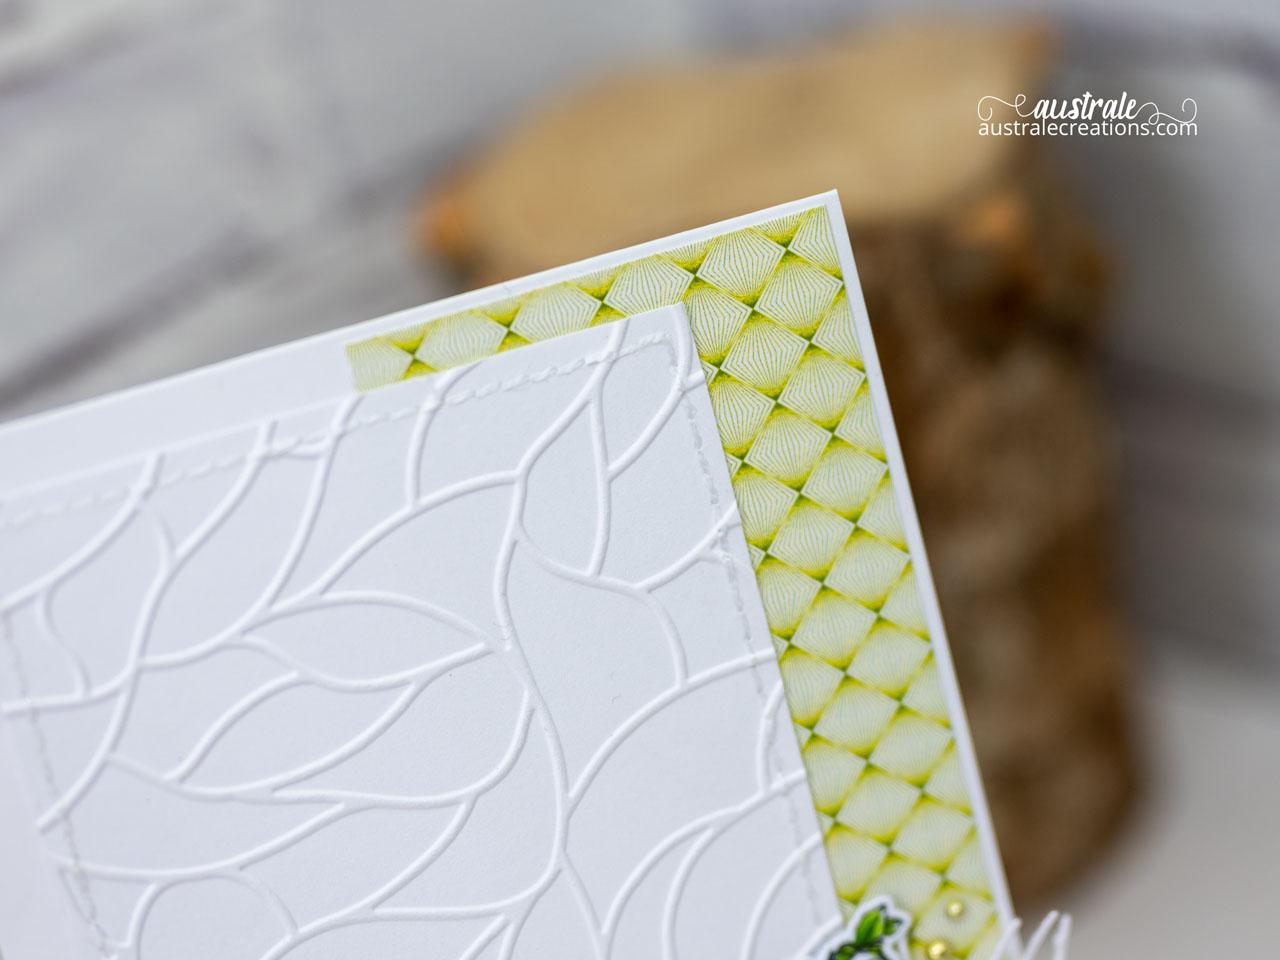 Création d'une carte d'automne avec un joli seau rempli de courges et feuillages dans un combo de couleurs en orange, jaune, vert et kraft.